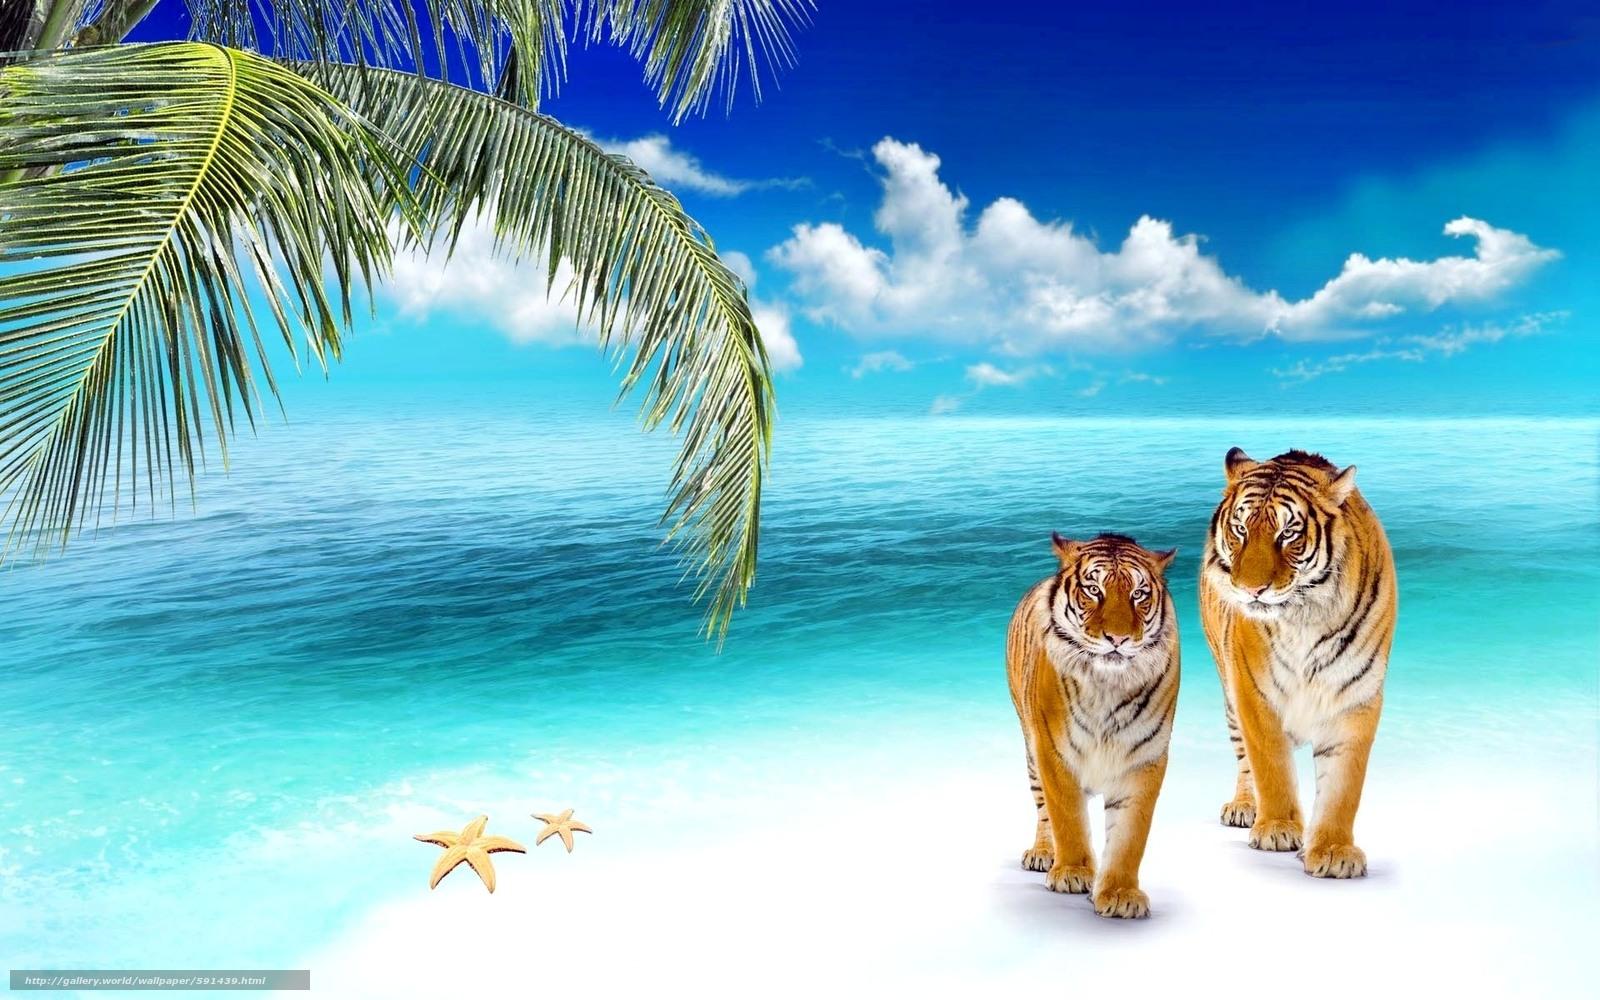 Купить фотообои море пляж пальмы на стену недорого в СПб